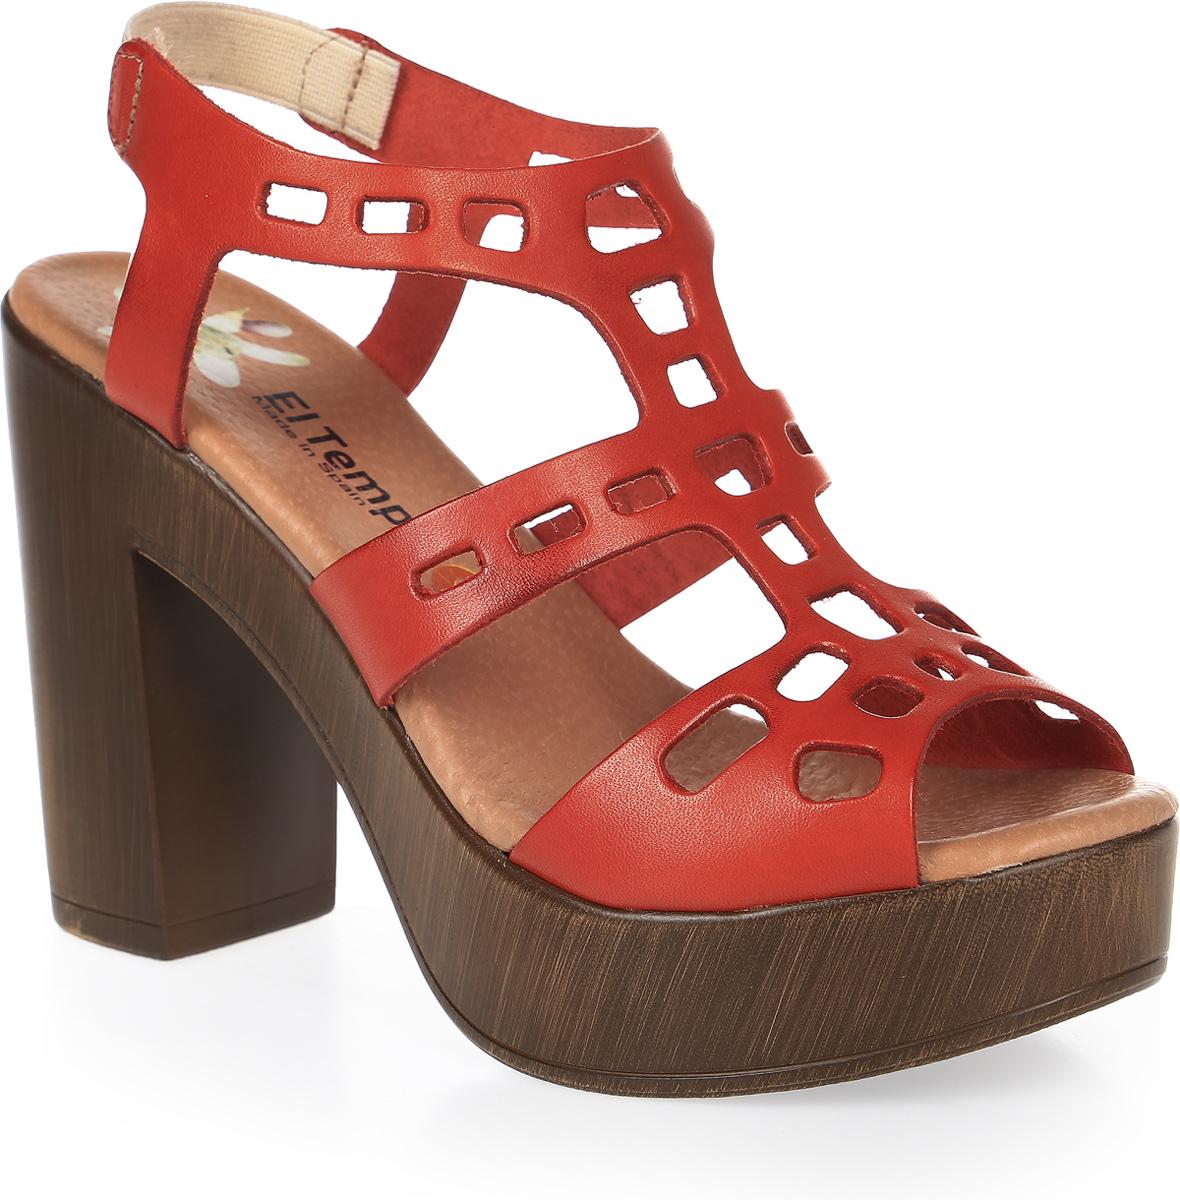 Босоножки женские El Tempo, цвет: темно-красный. ESA24_3507. Размер 40ESA24_3507_CORALСтильные босоножки от El Tempo выполнены из натуральной высококачественной кожи и оформлены оригинальной декоративной перфорацией. Резинка на заднике отвечает за идеальную посадку модели на ноге. Внутренняя поверхность и стелька изготовлены из натуральной кожи, которая обеспечивает комфорт при ходьбе. Высота каблука компенсирована платформой в носочной части. Подошва из полиуретана дополнена рельефной поверхностью.